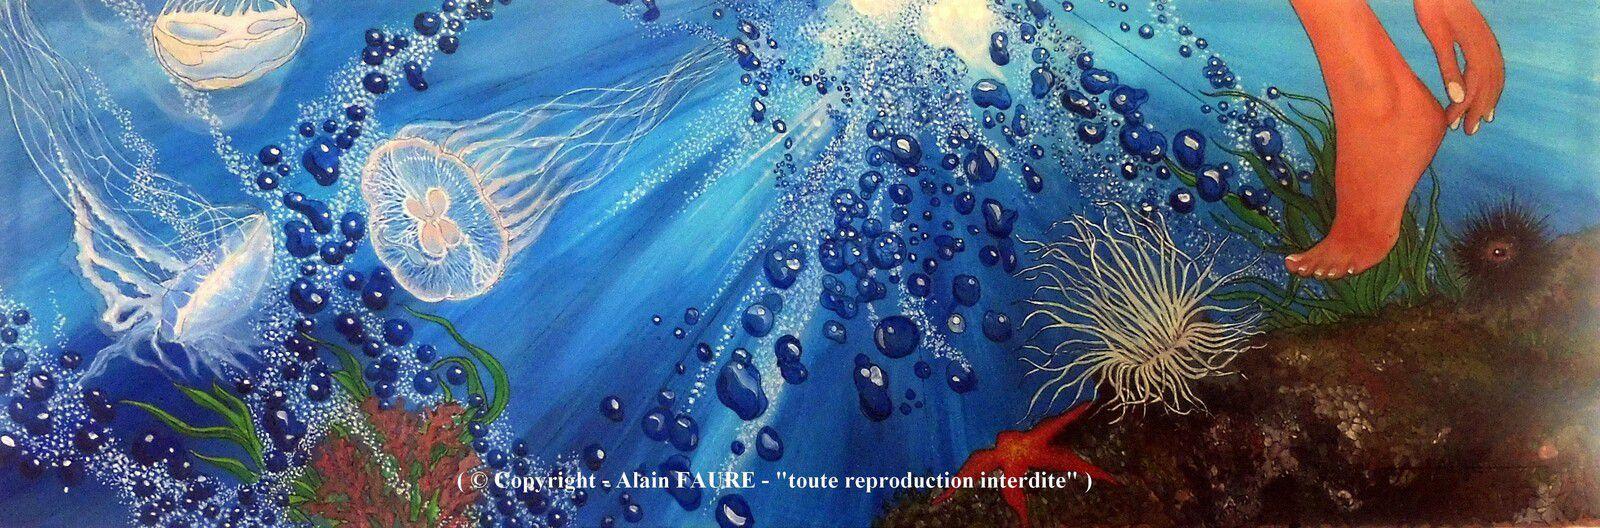 TALON - AIGUILLE Peinture Acrylique sur Toile: 120 x 40 cm......1700 € -  Au naturel ou avec un jus de citron, les oursins font partie des mets très appréciés en méditerranée. Excellents pour la santé car ils contiennent beaucoup de protéines et autres oligoéléments, ils n'en demeurent pas moins piquants pour le baigneur qui marcherait par malchance sur ses aiguilles. Sur la Côte Bleue la pêche de cette châtaigne des mers est très réglementée du 1er Novembre au 15 Avril.